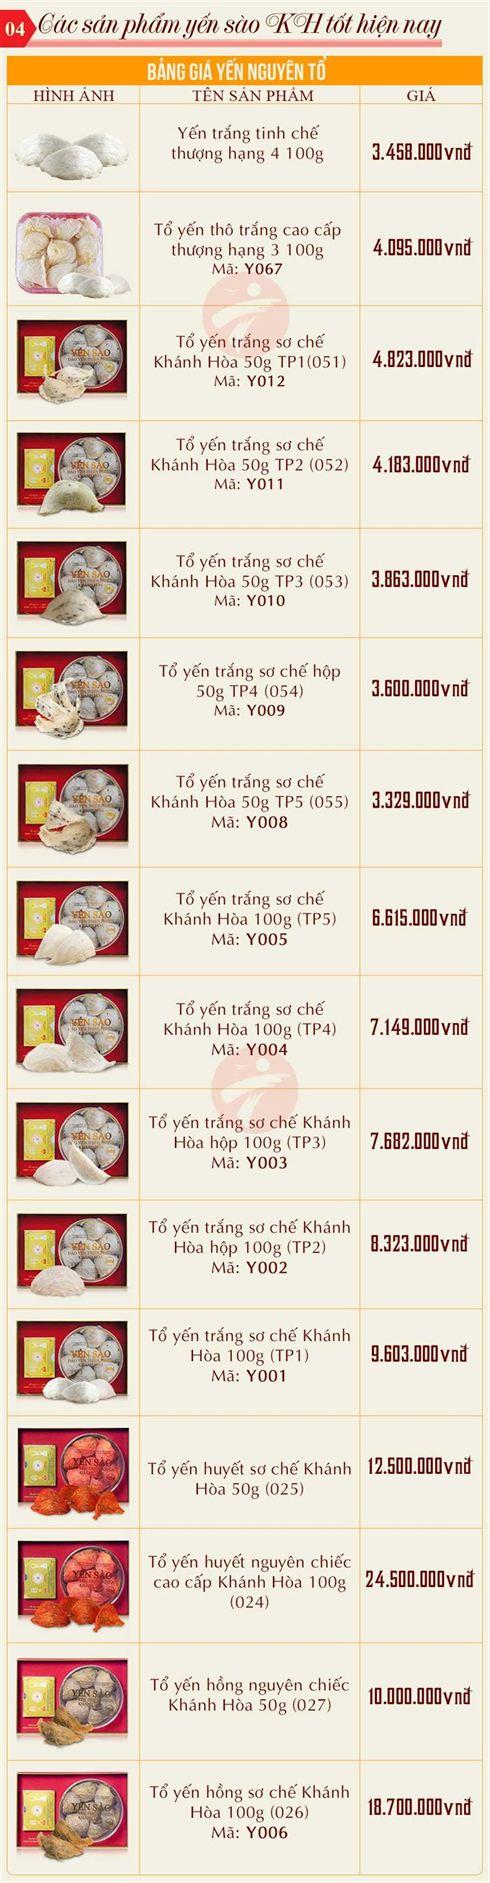 Bảng giá yến sào Khánh Hòa tại yenkhanhhoa.info